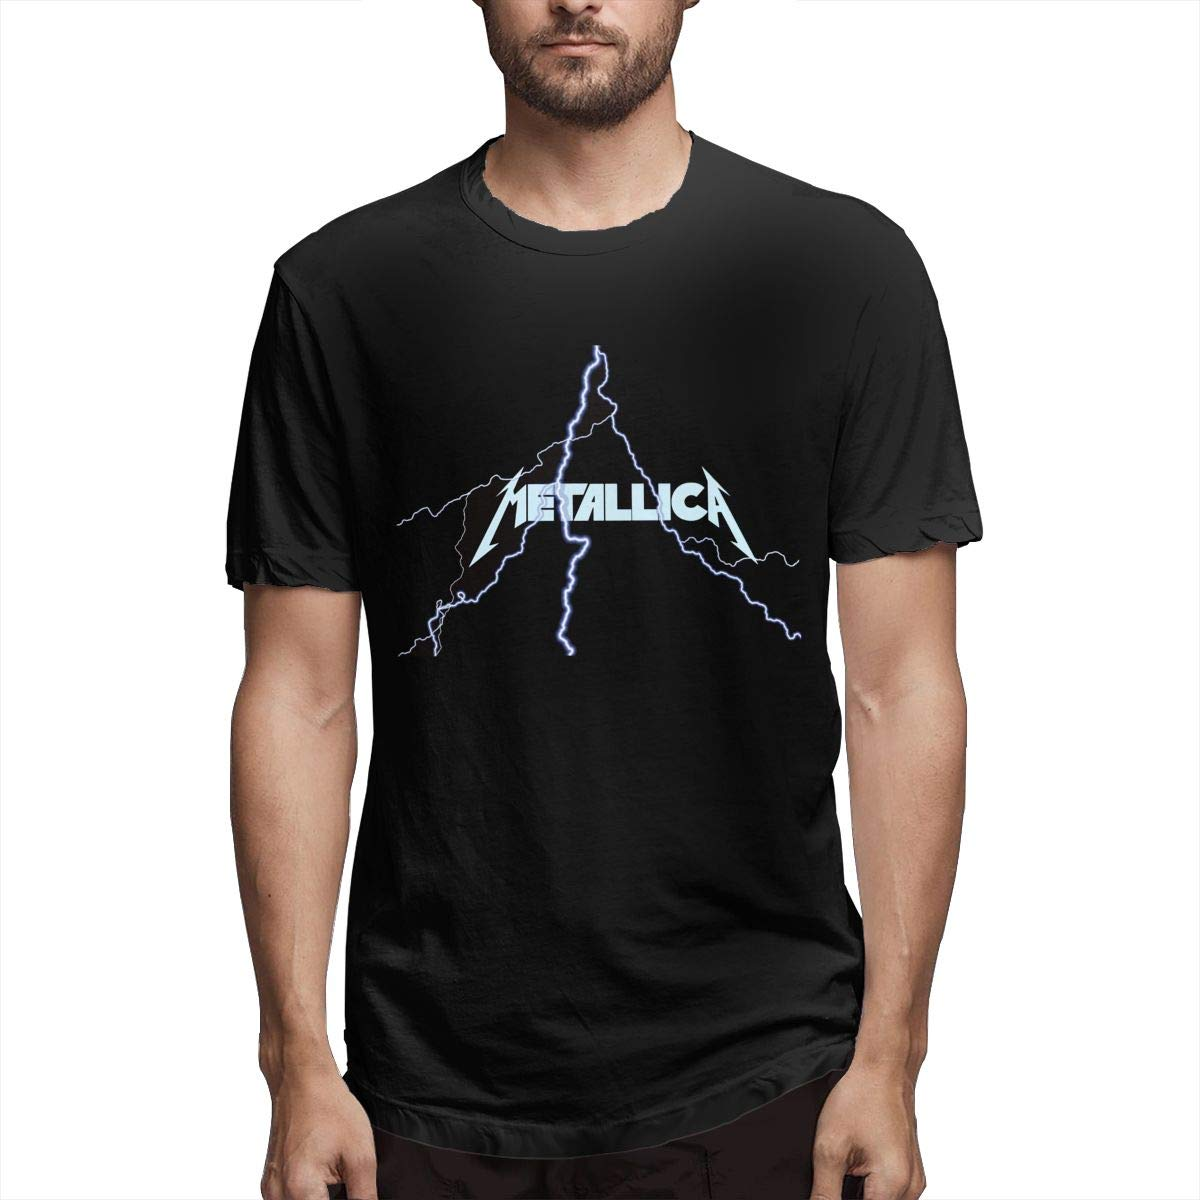 Lixua Metallica S Tshirts Tops Oneck T